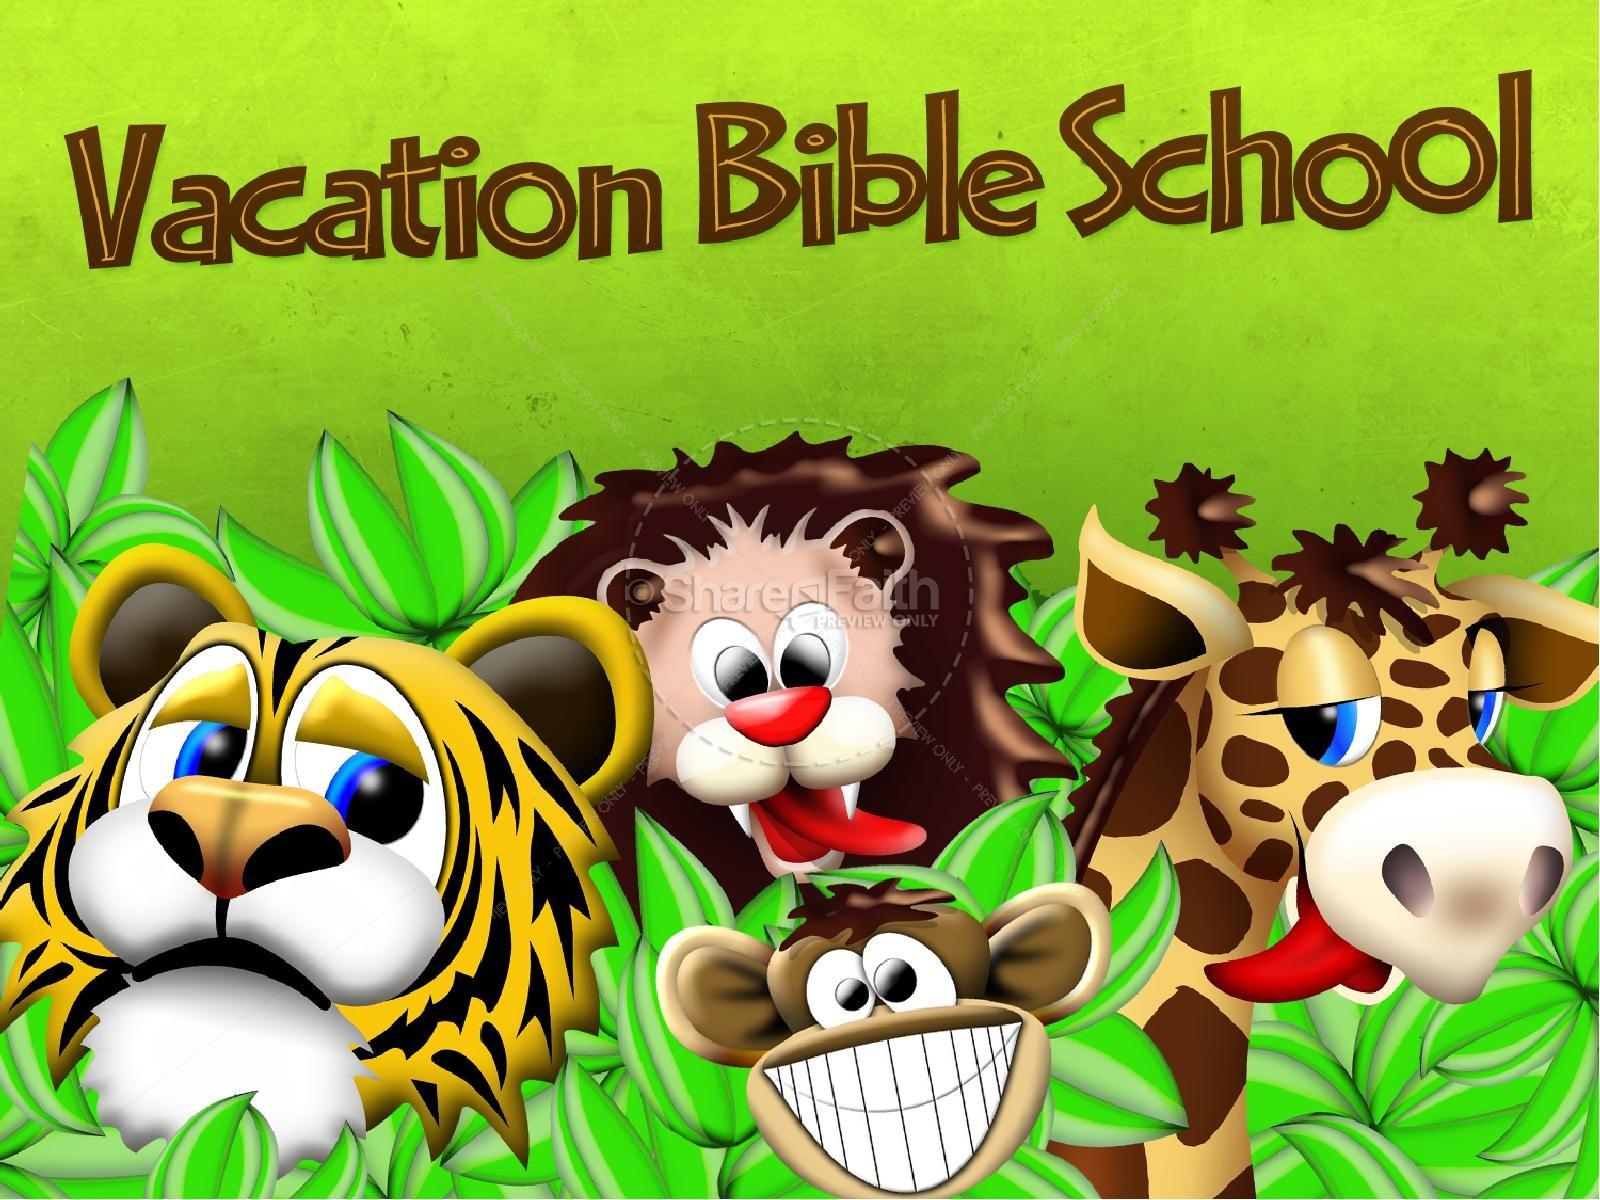 Vacation Bible School PowerPoint | slide 2